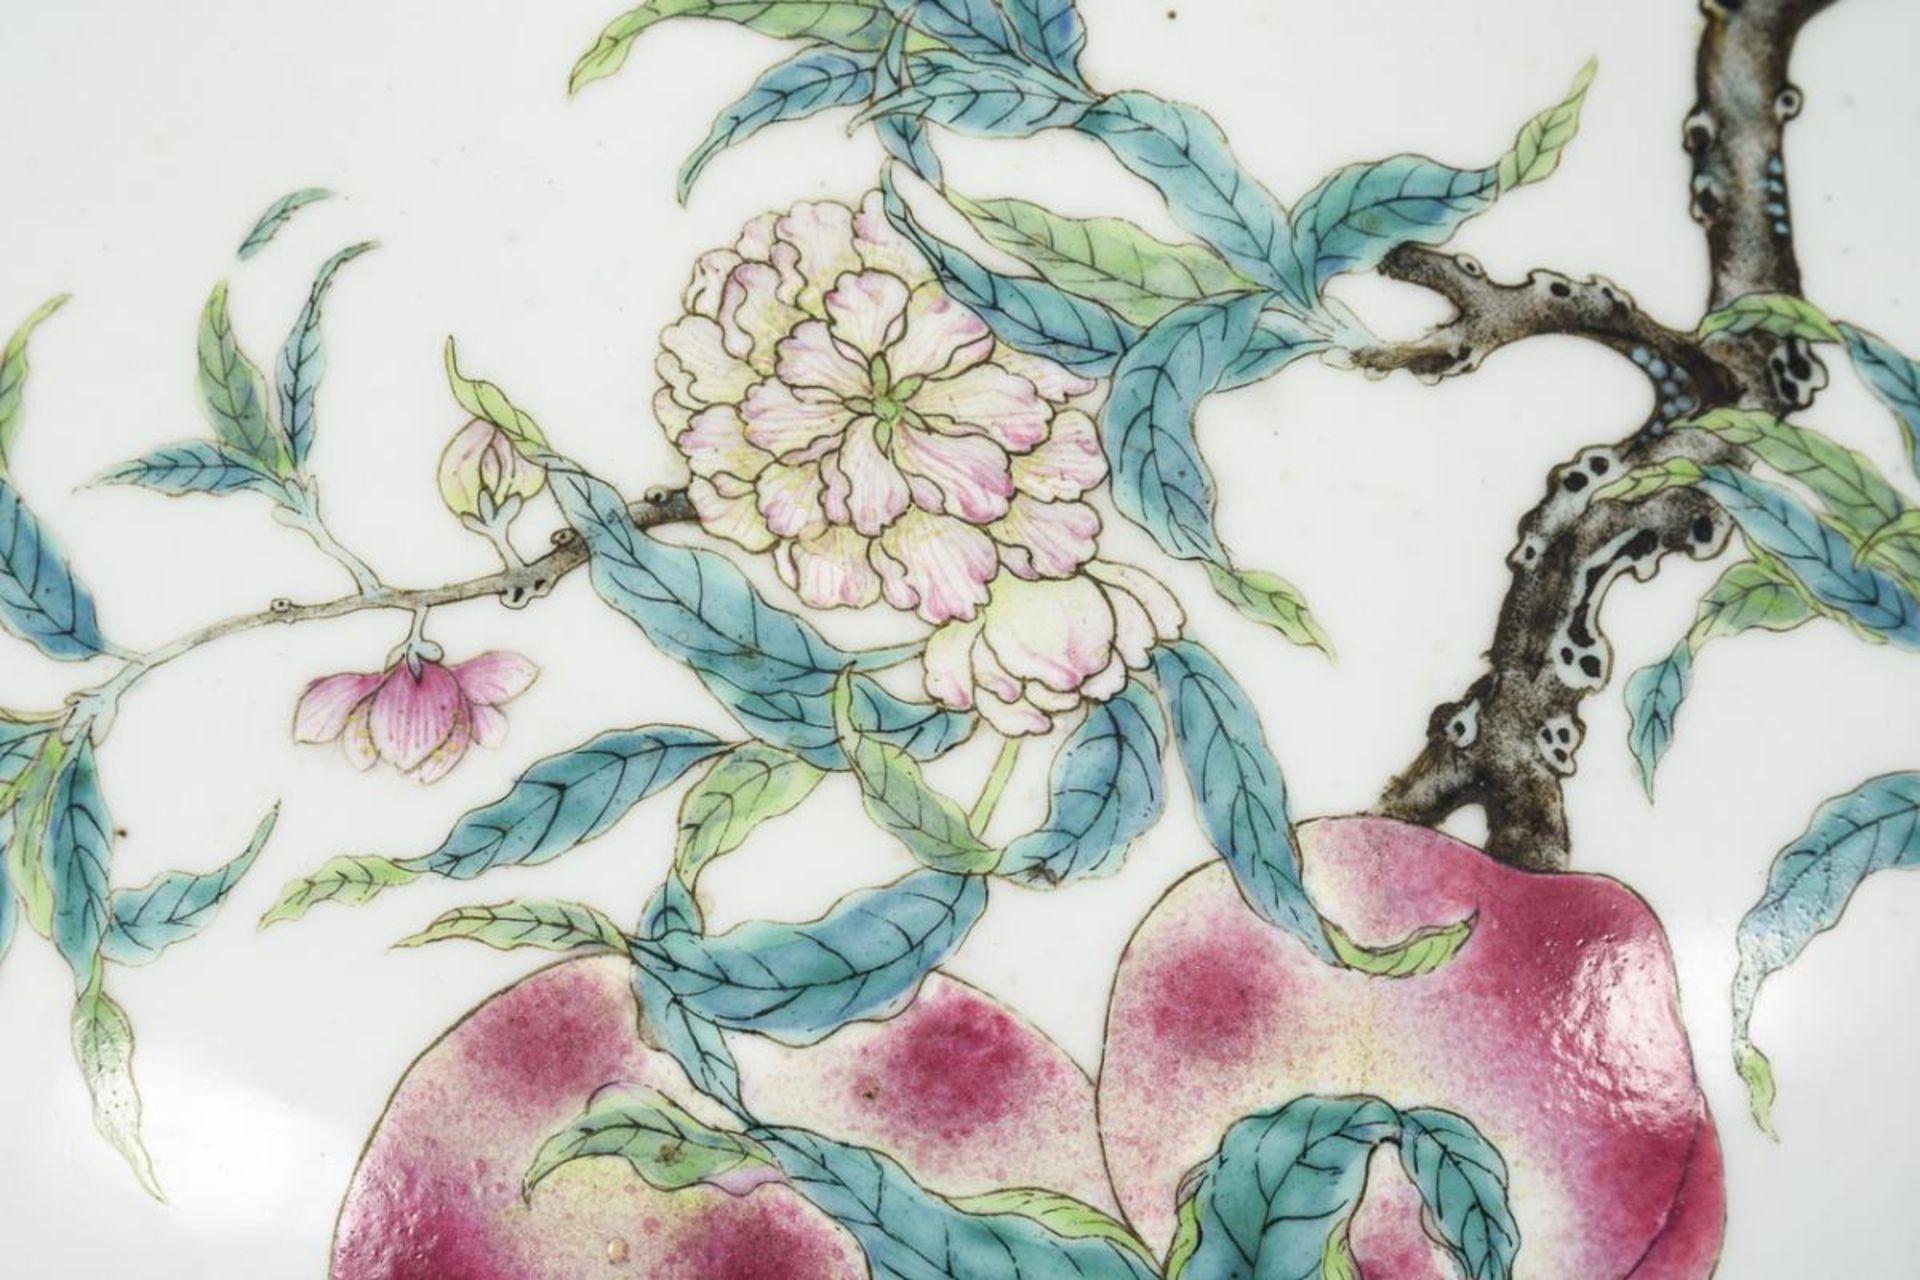 Große, museale Vase mit Pfirsichen und Pfirsichblüten - Image 5 of 10